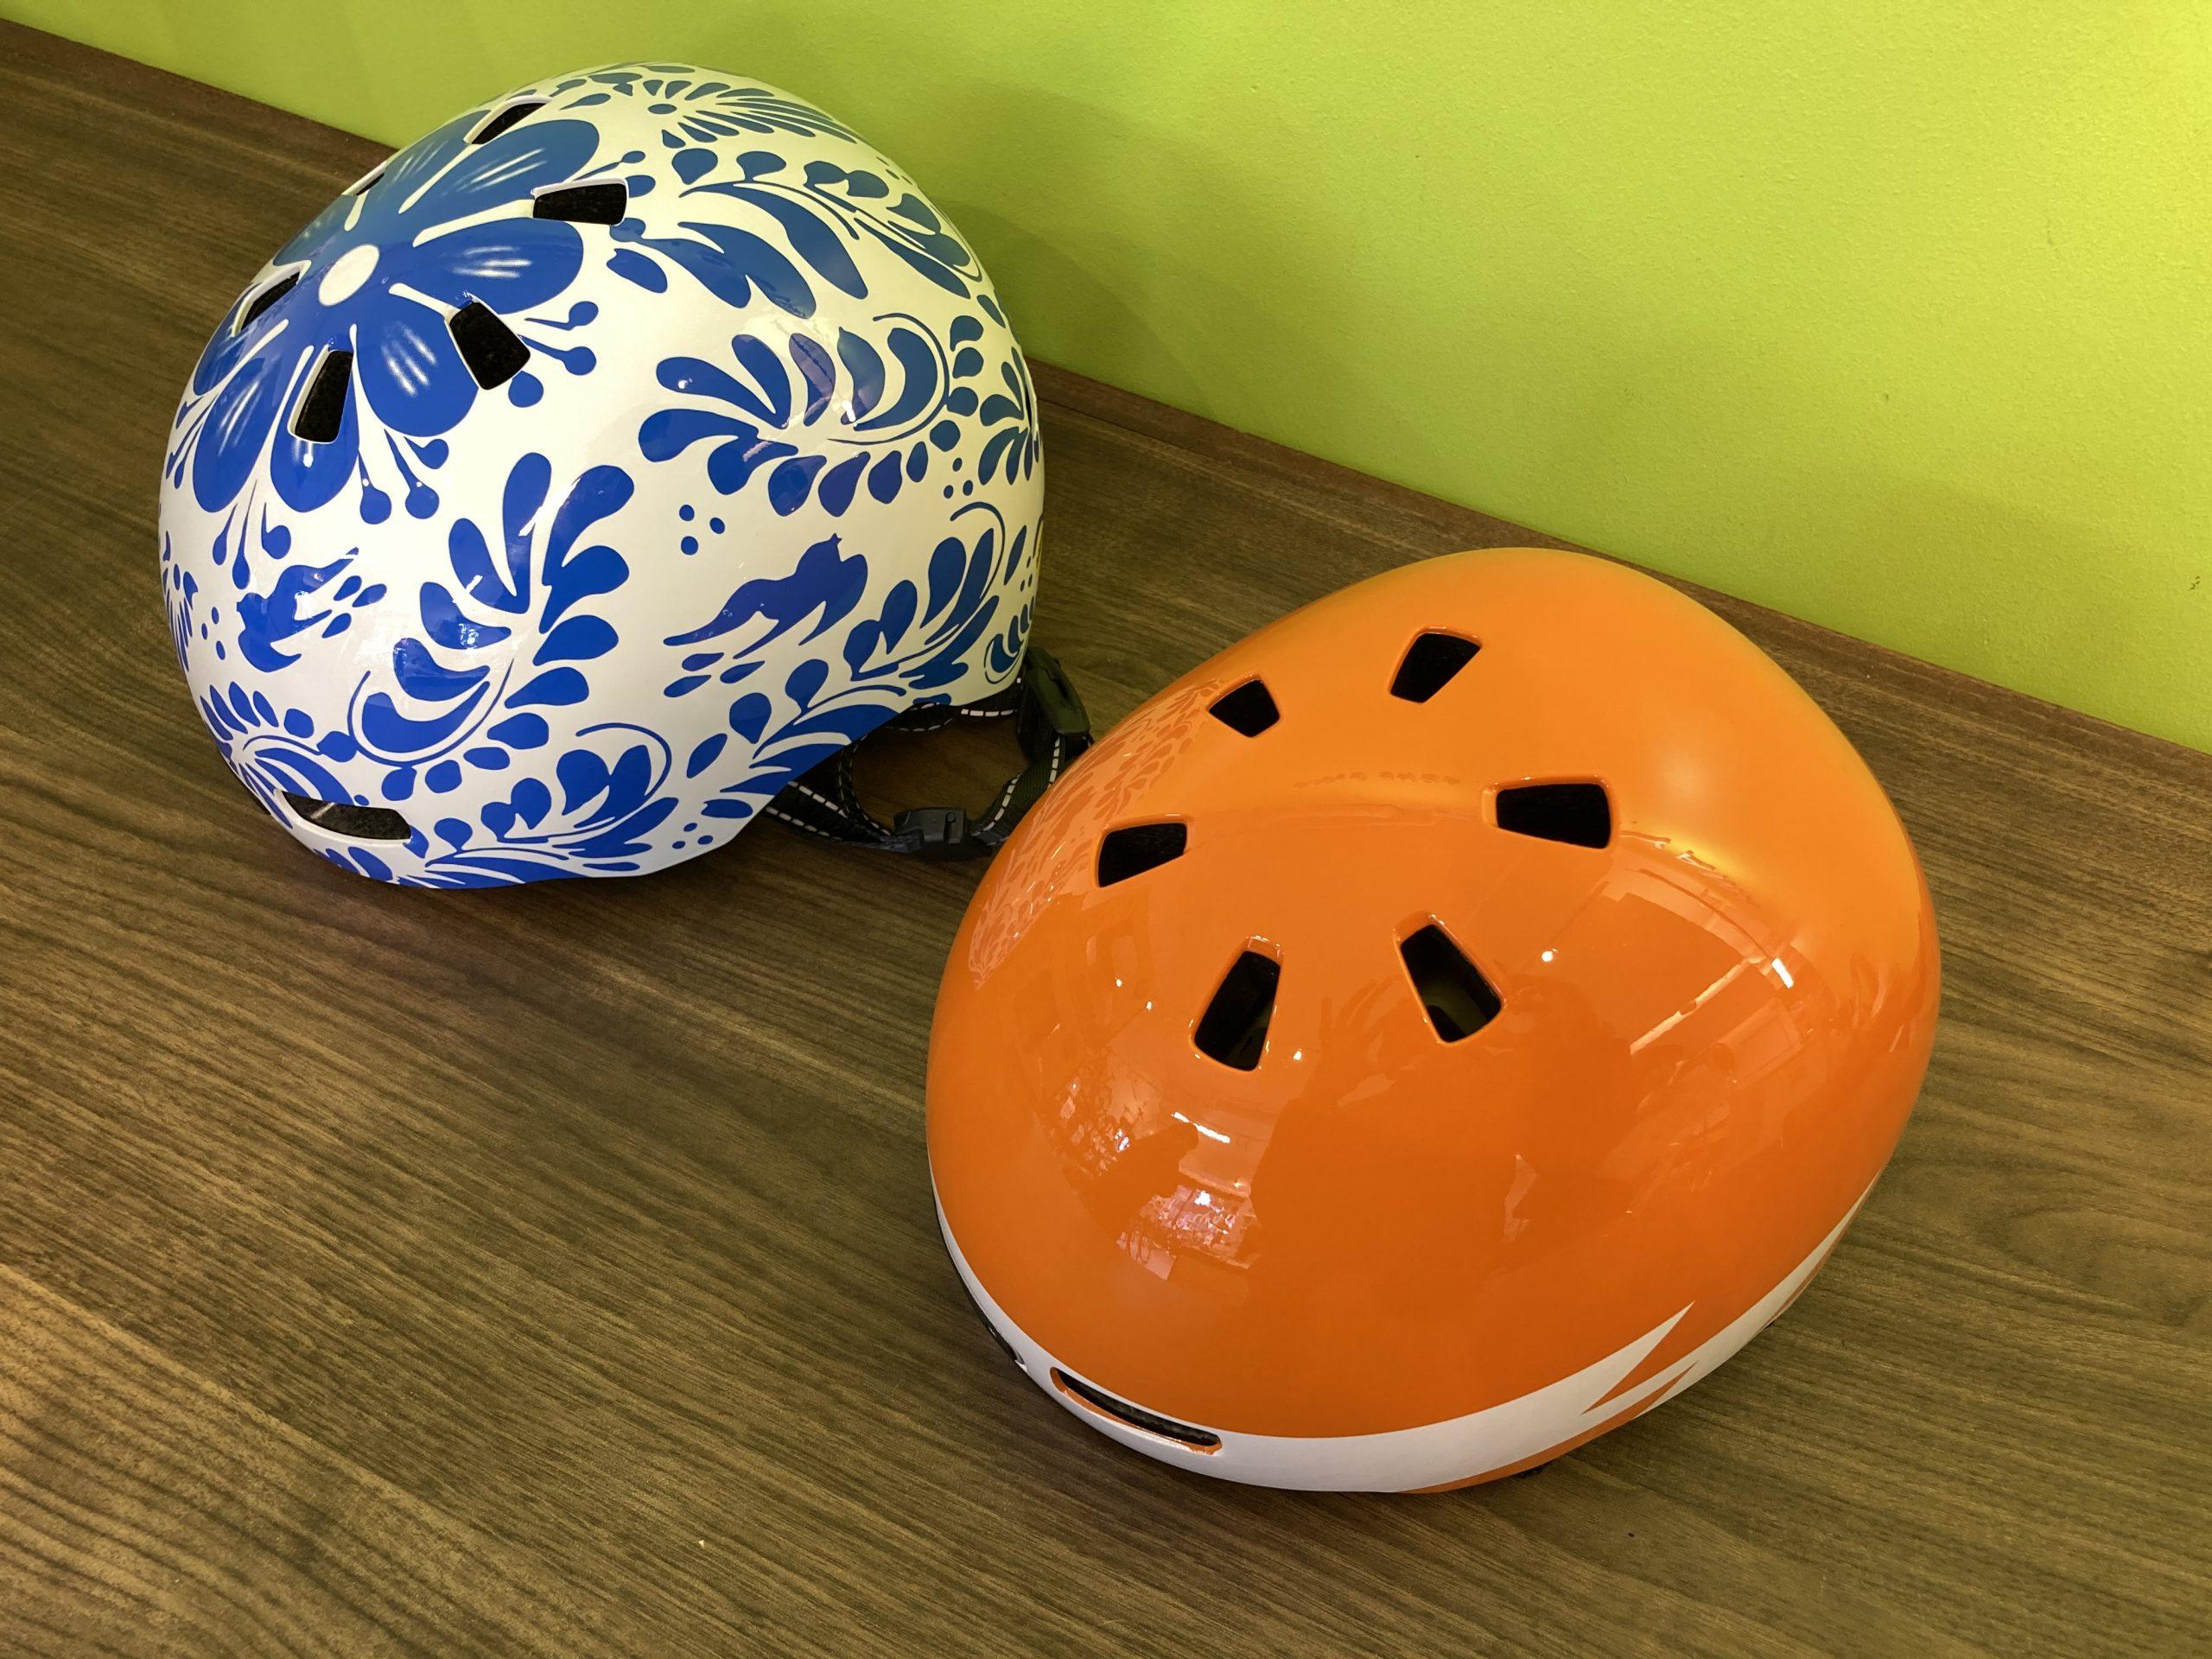 【都立大学】ヘルメット購入補助金まだまだ実施中!!